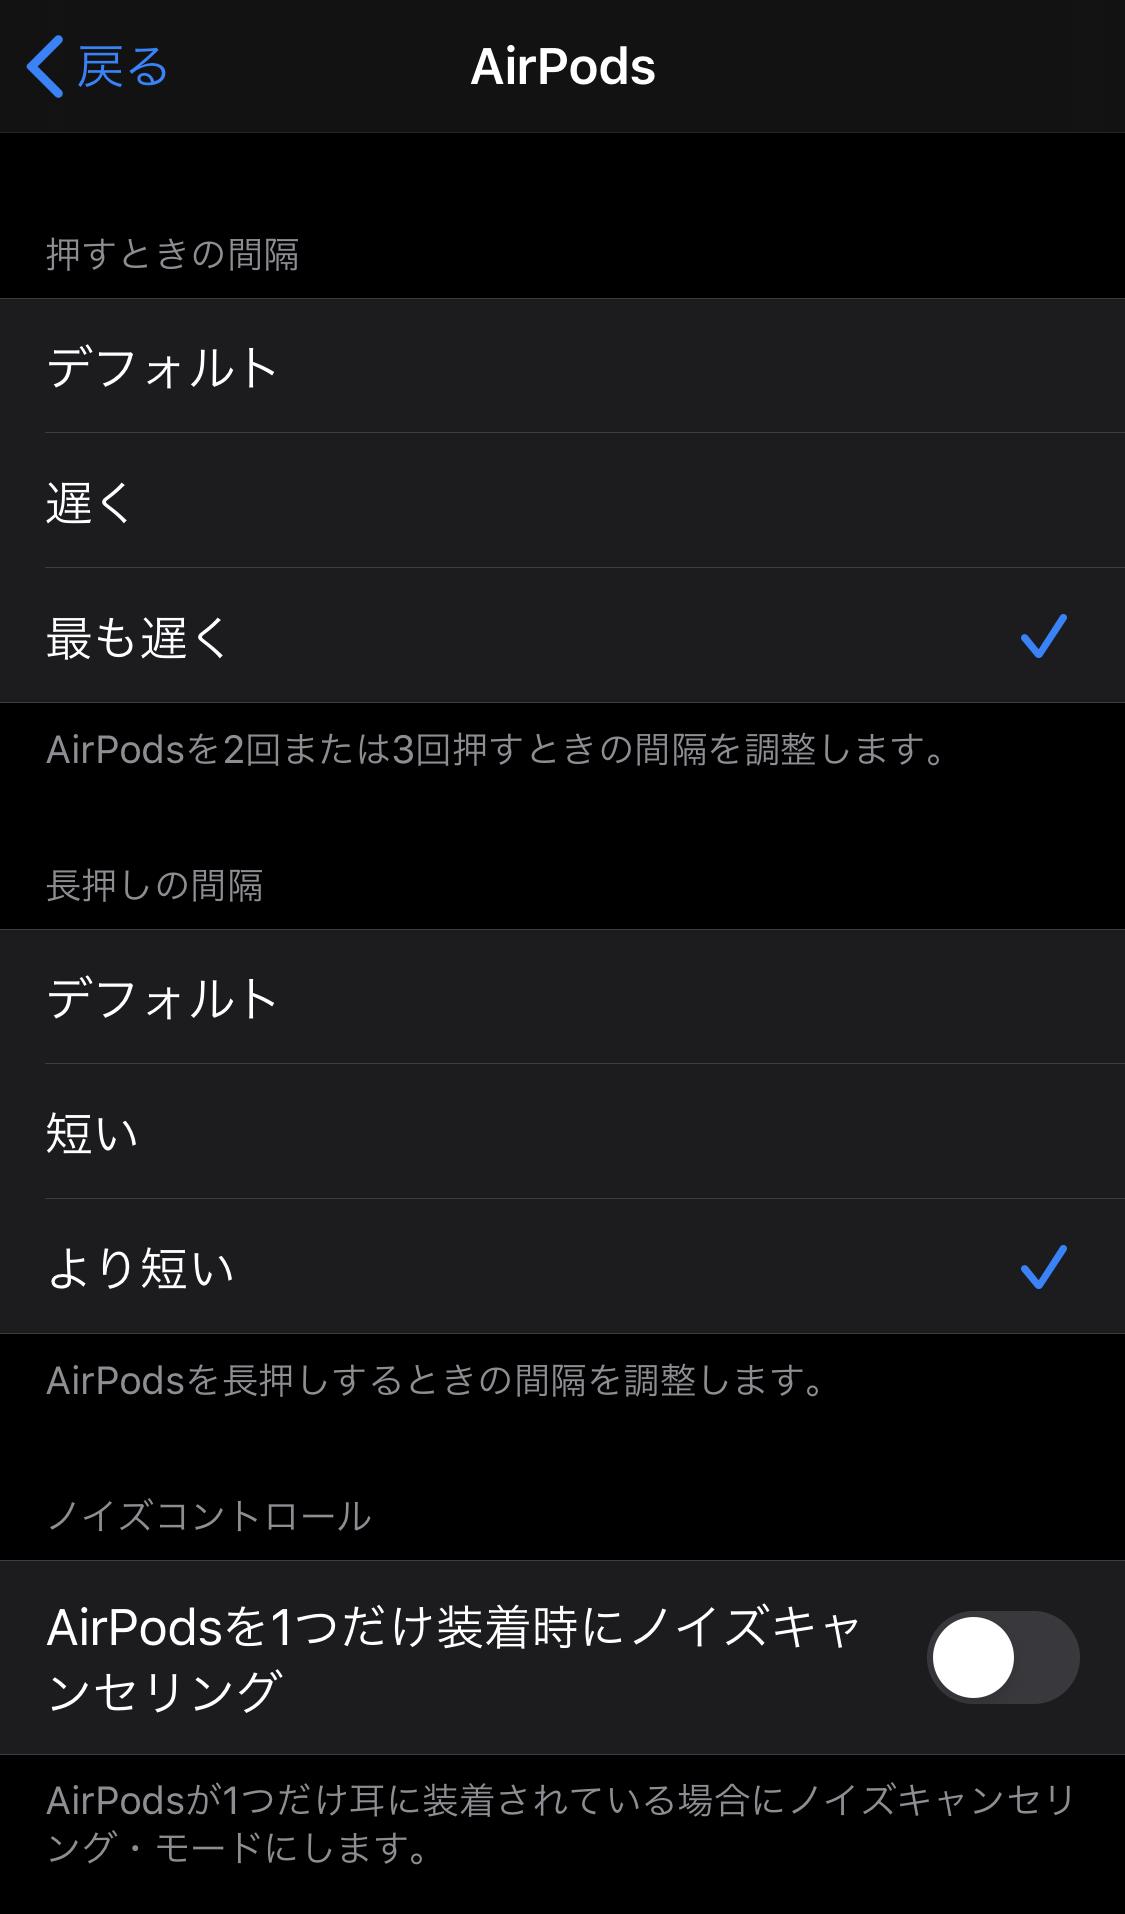 AirPodsPro タップ間隔設定